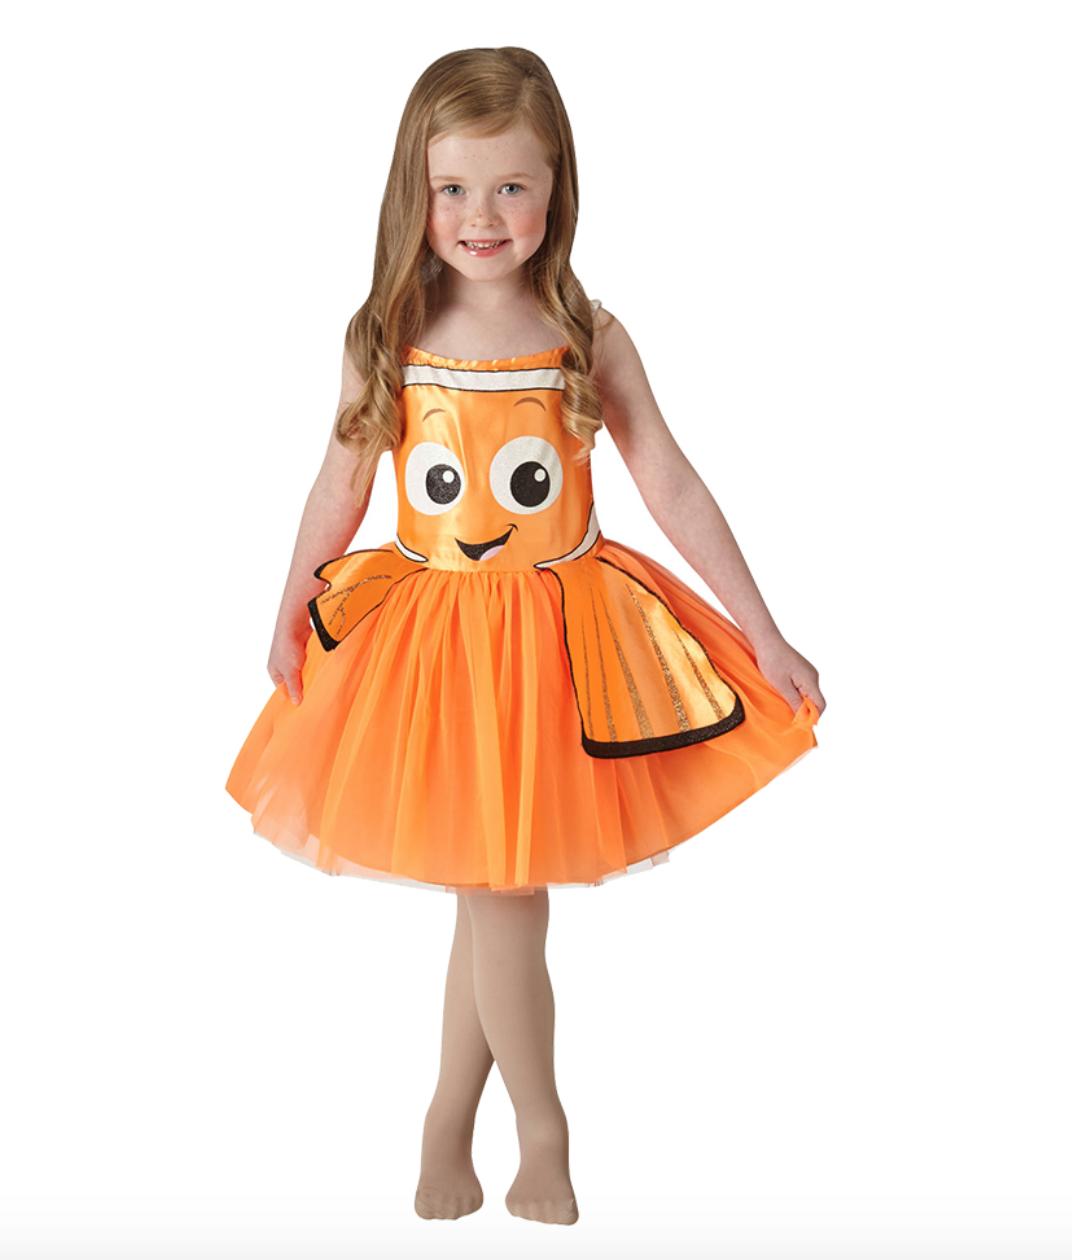 Skærmbillede 2018 12 31 kl. 00.19.46 - Find Dory kostume til børn